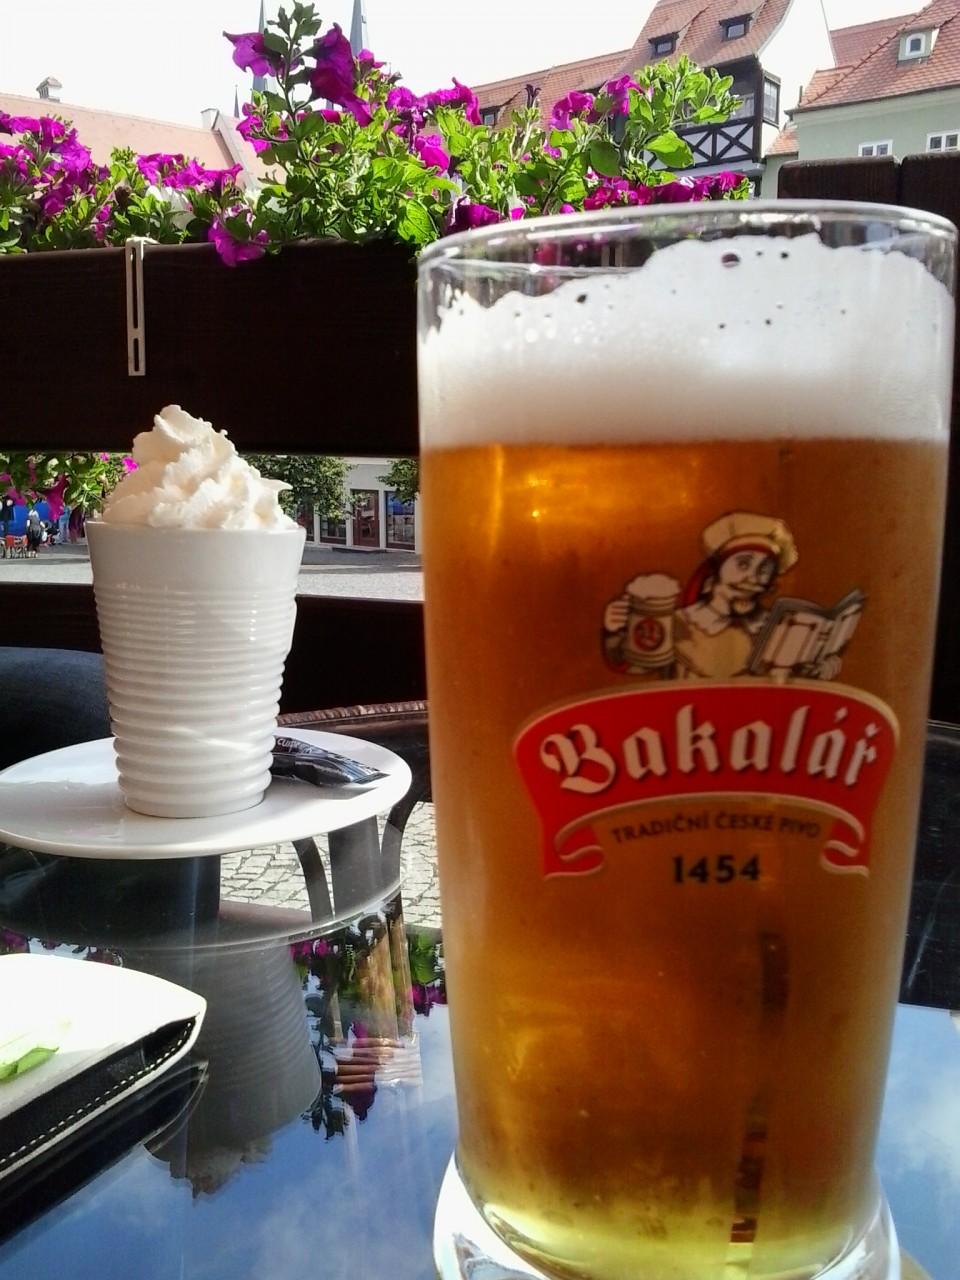 Bakalář (Бакаларж) - с 1454 года пиво с превосходным вкусом